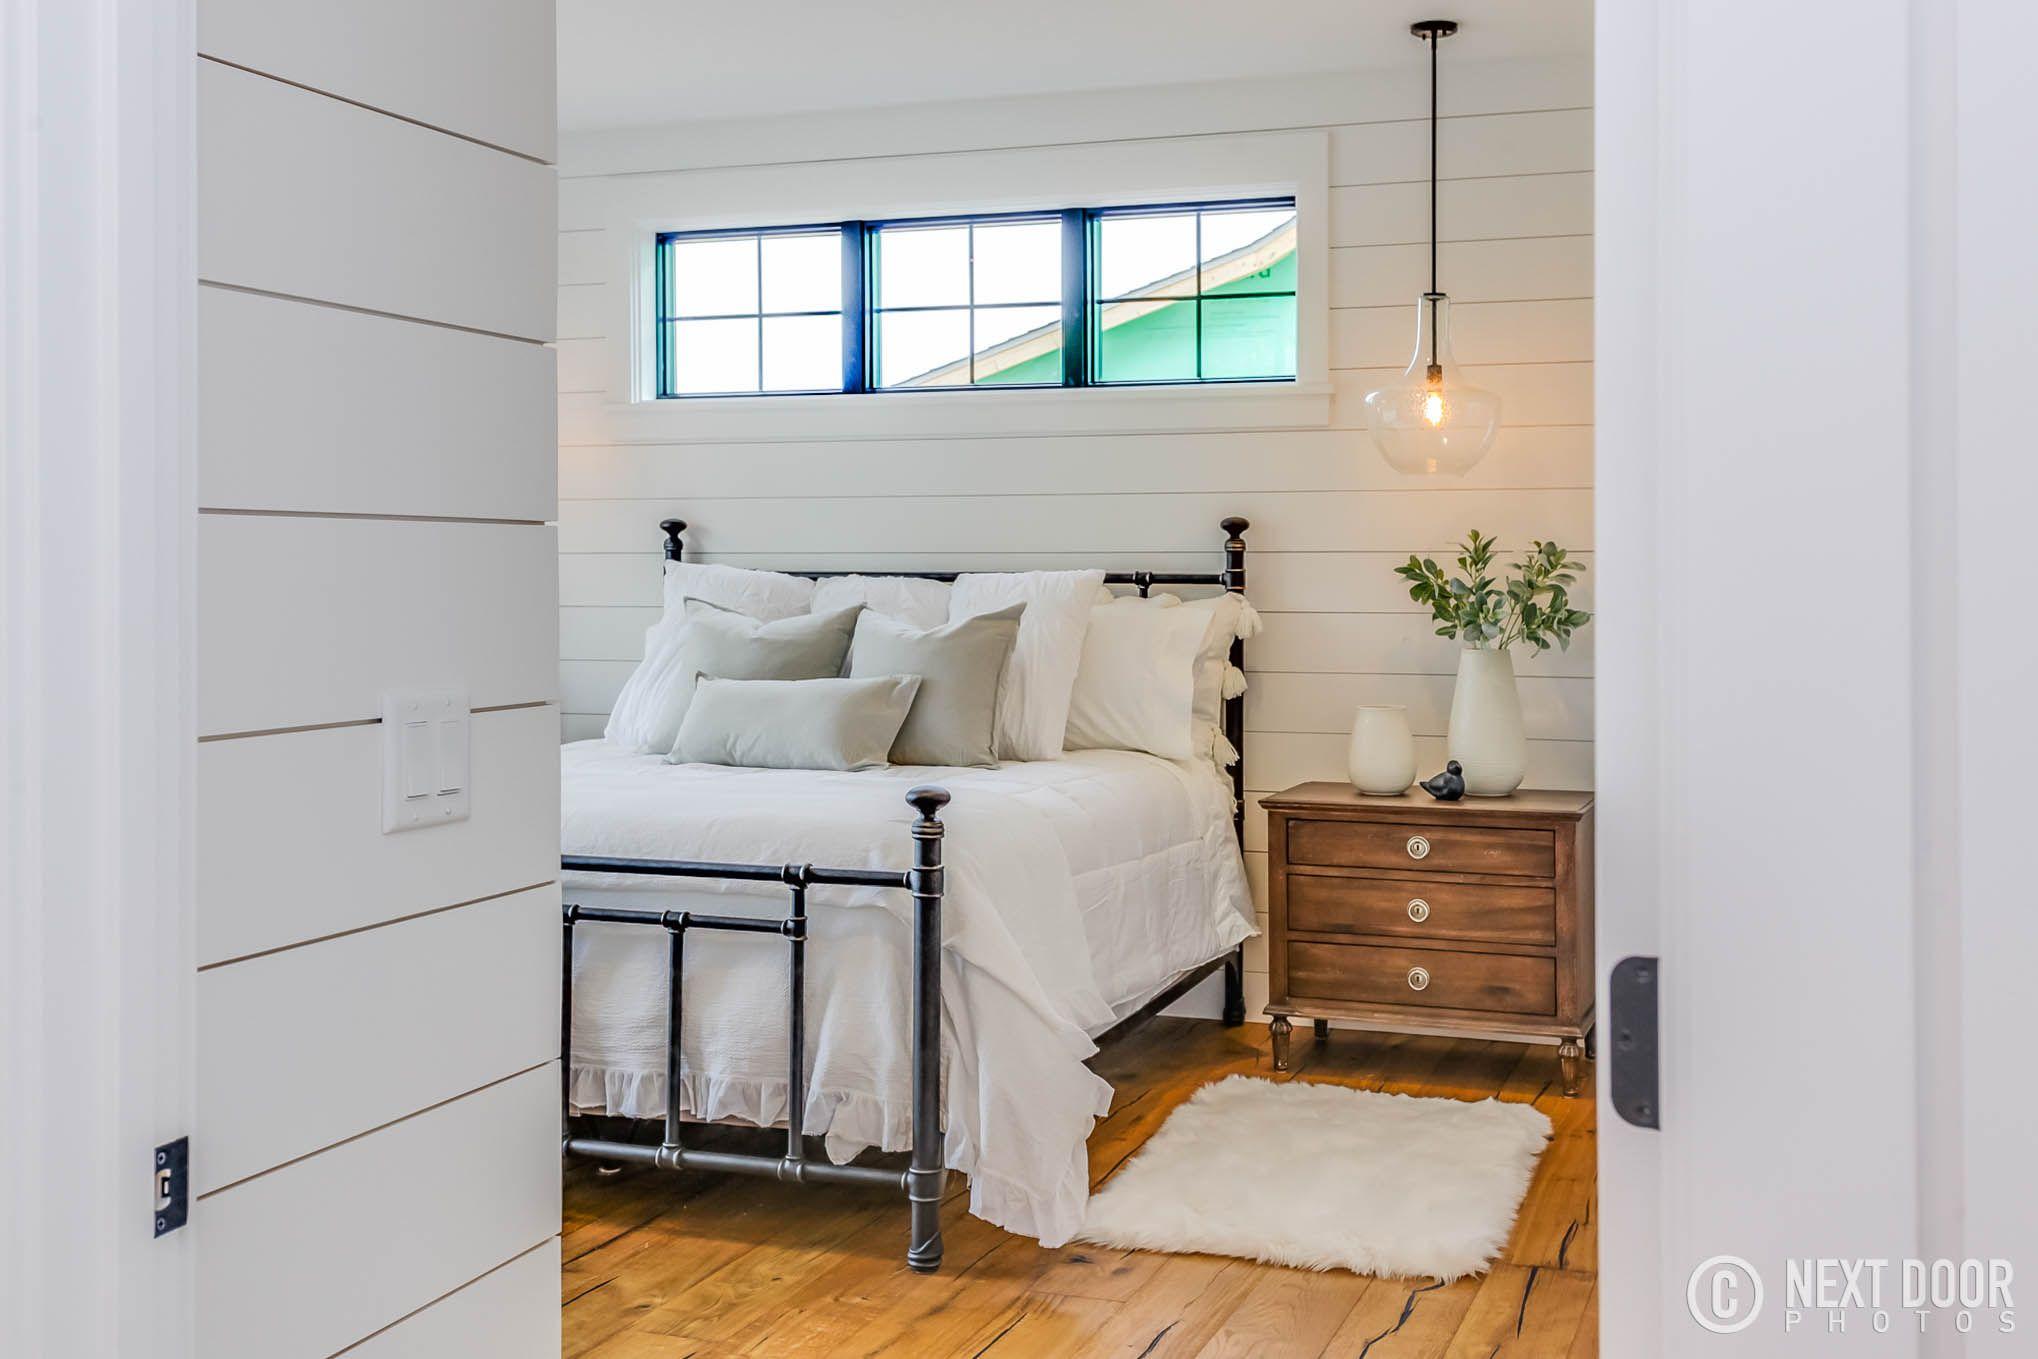 modern farmhouse, bedroom decor, shiplap, joanna gaines